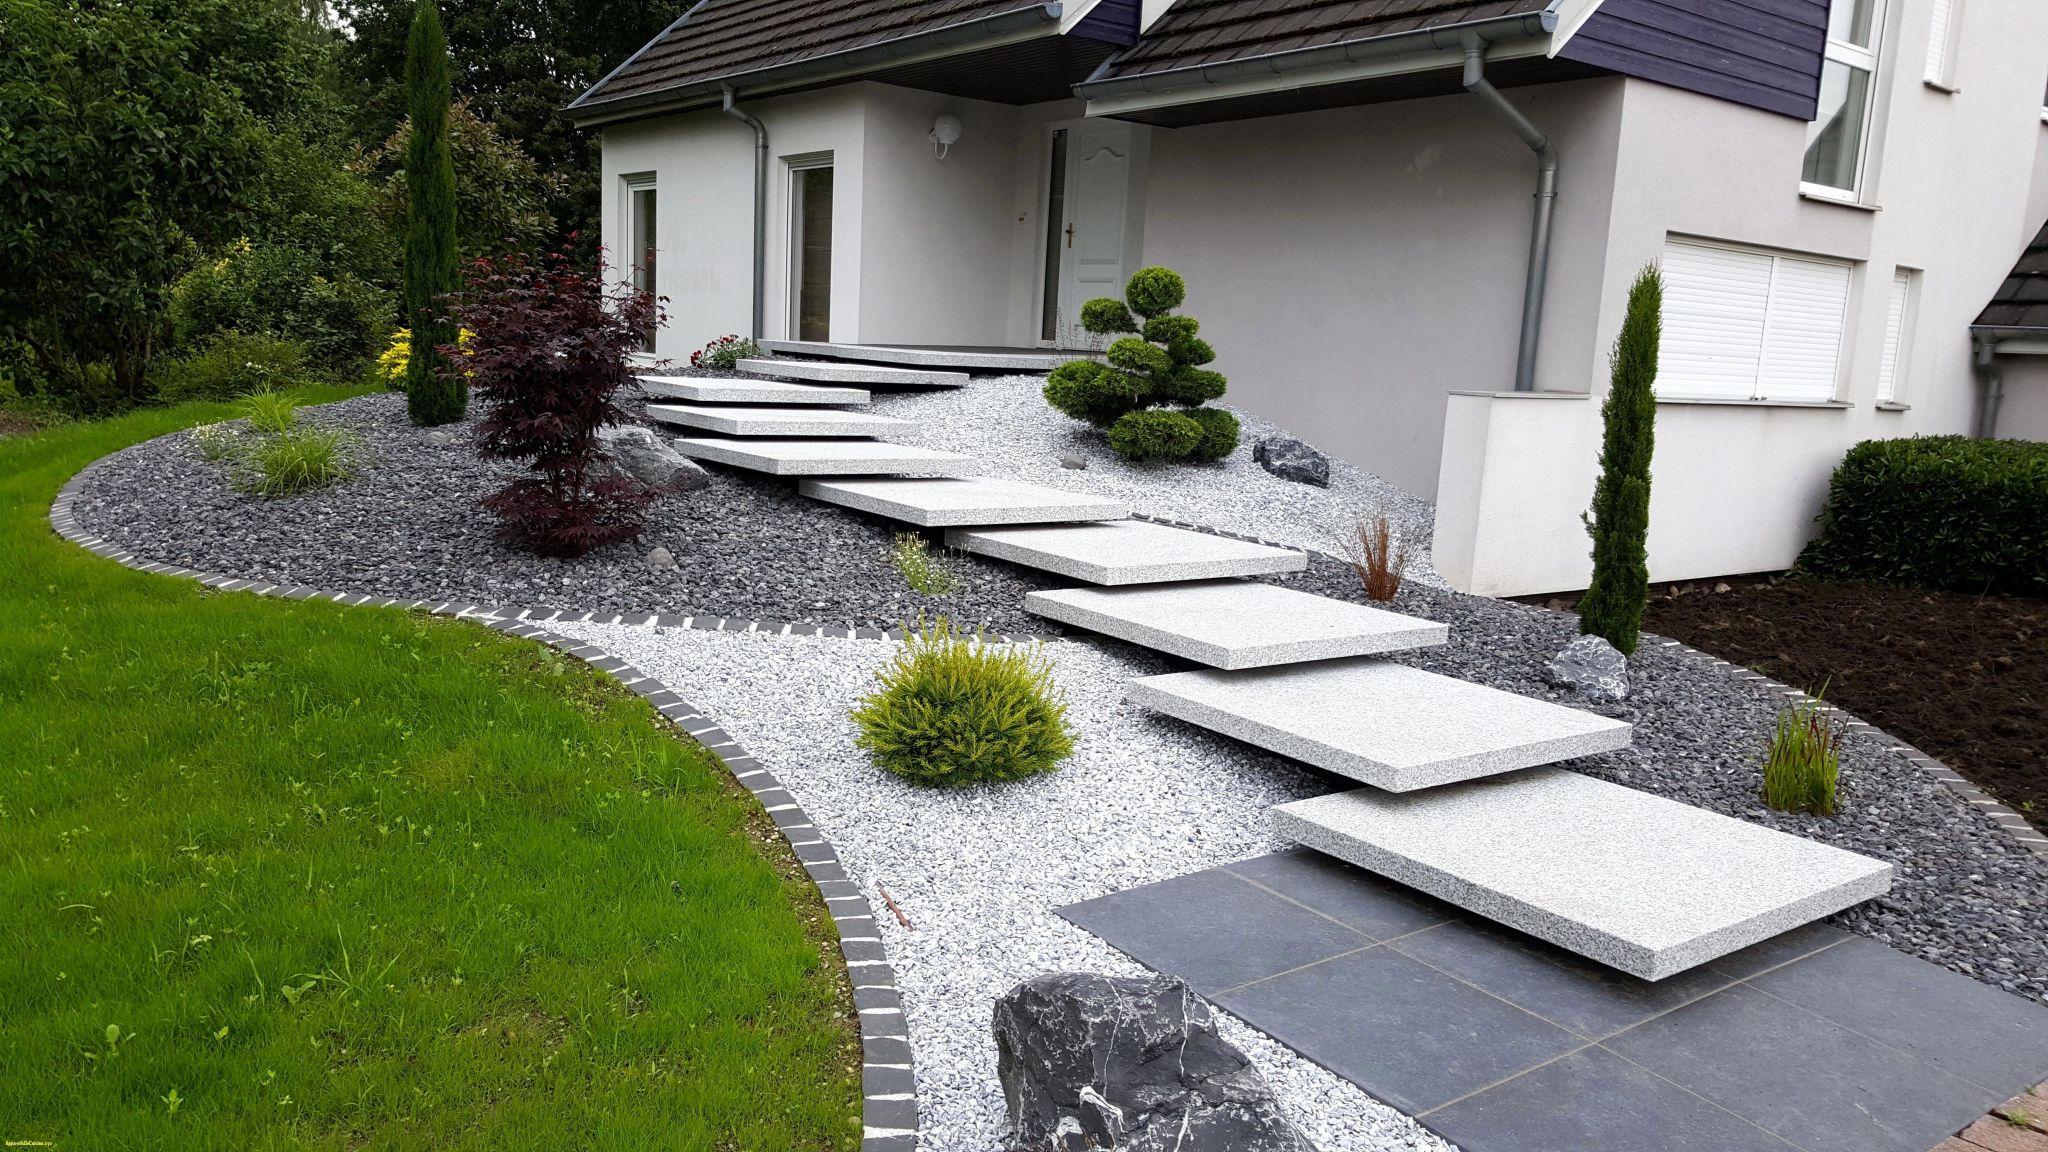 40 Best Of Amenagement Jardin Exterieur | Salon Jardin pour Logiciel Amenagement Jardin